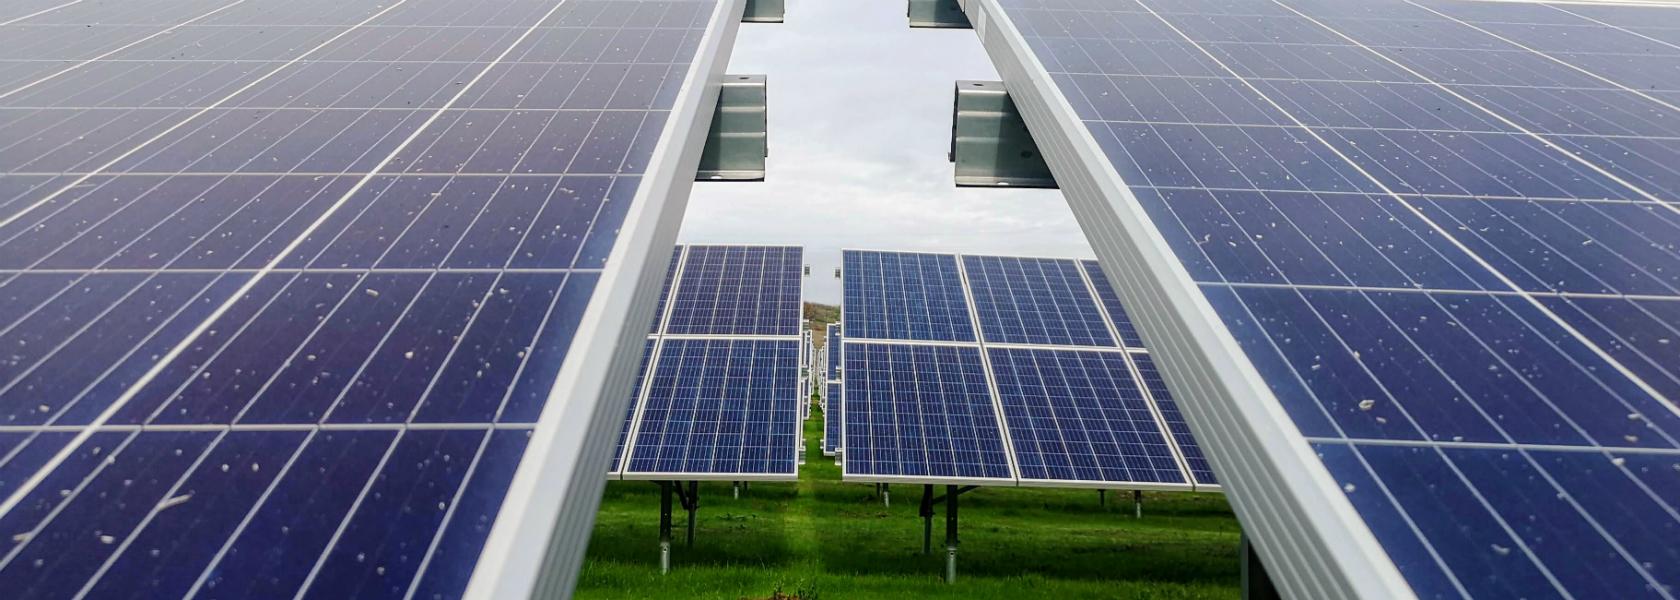 inovação no setor de energia